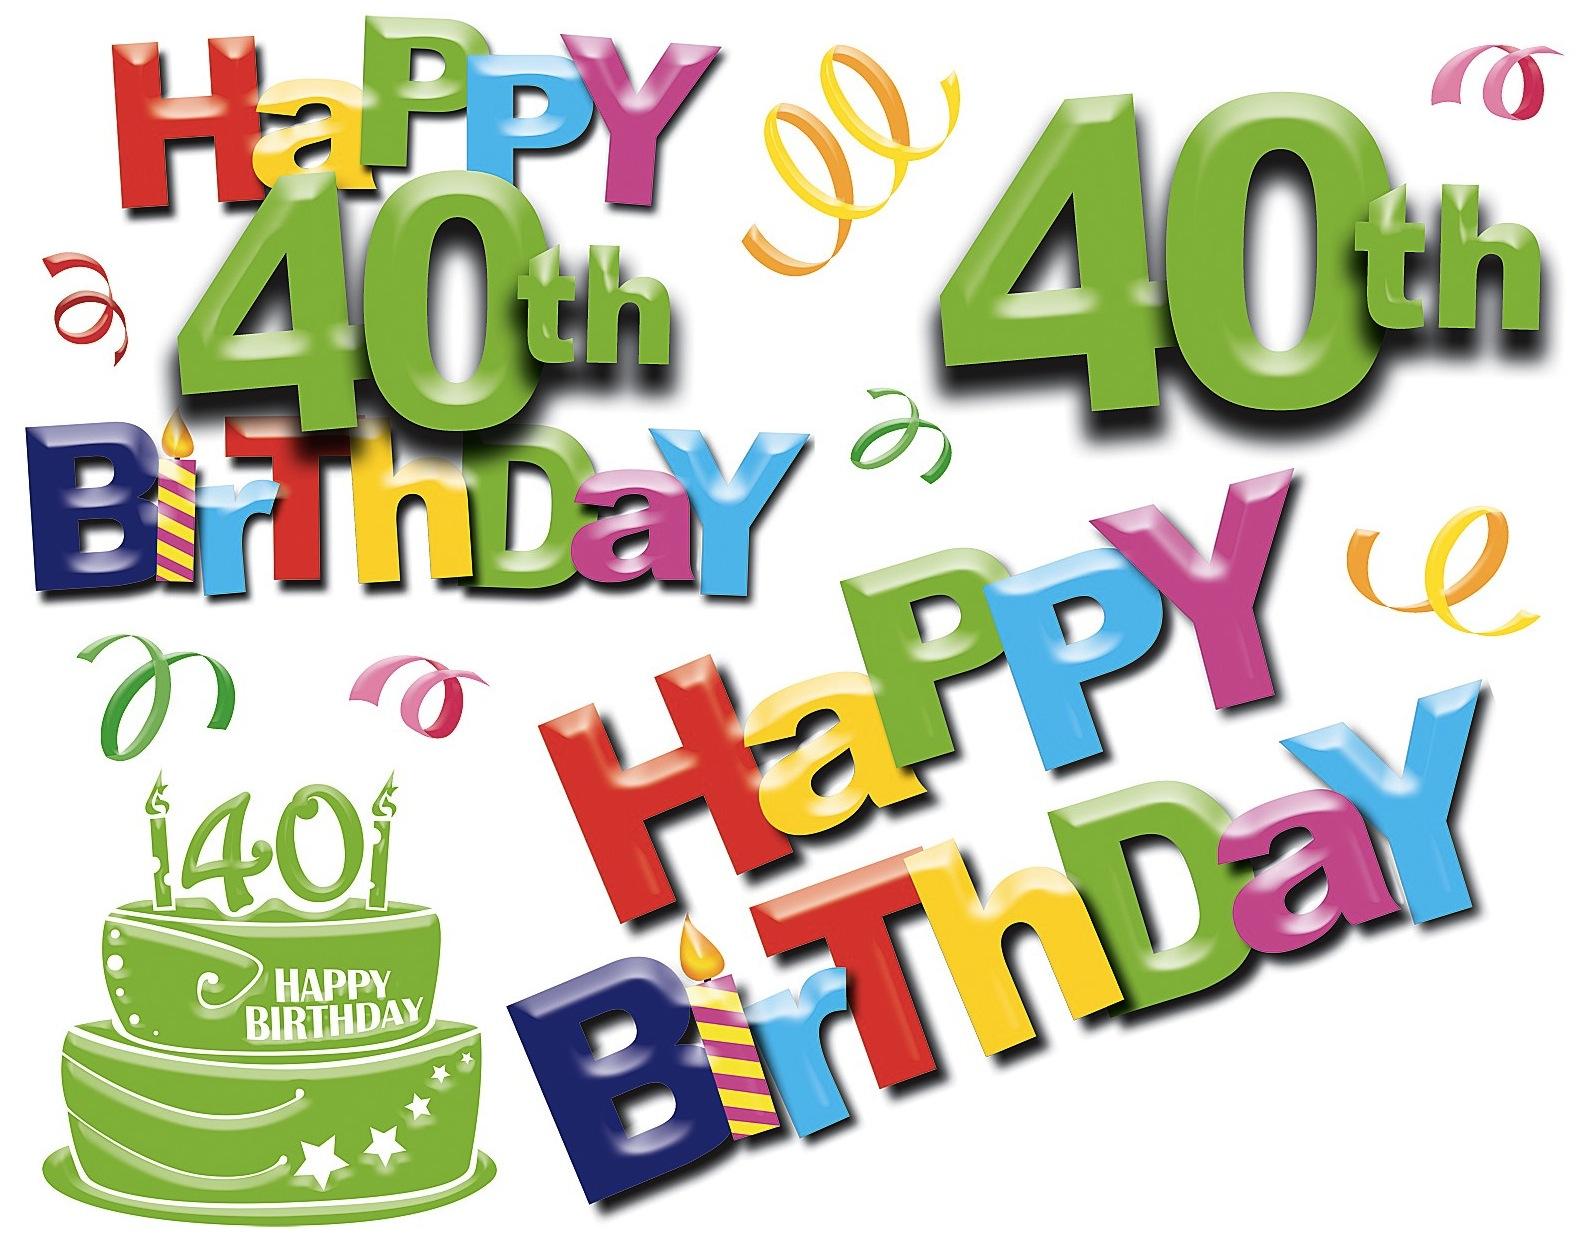 födelsedags dikter 40 år Födelsedag dikter   födelsedag vers och rim (2) födelsedags dikter 40 år